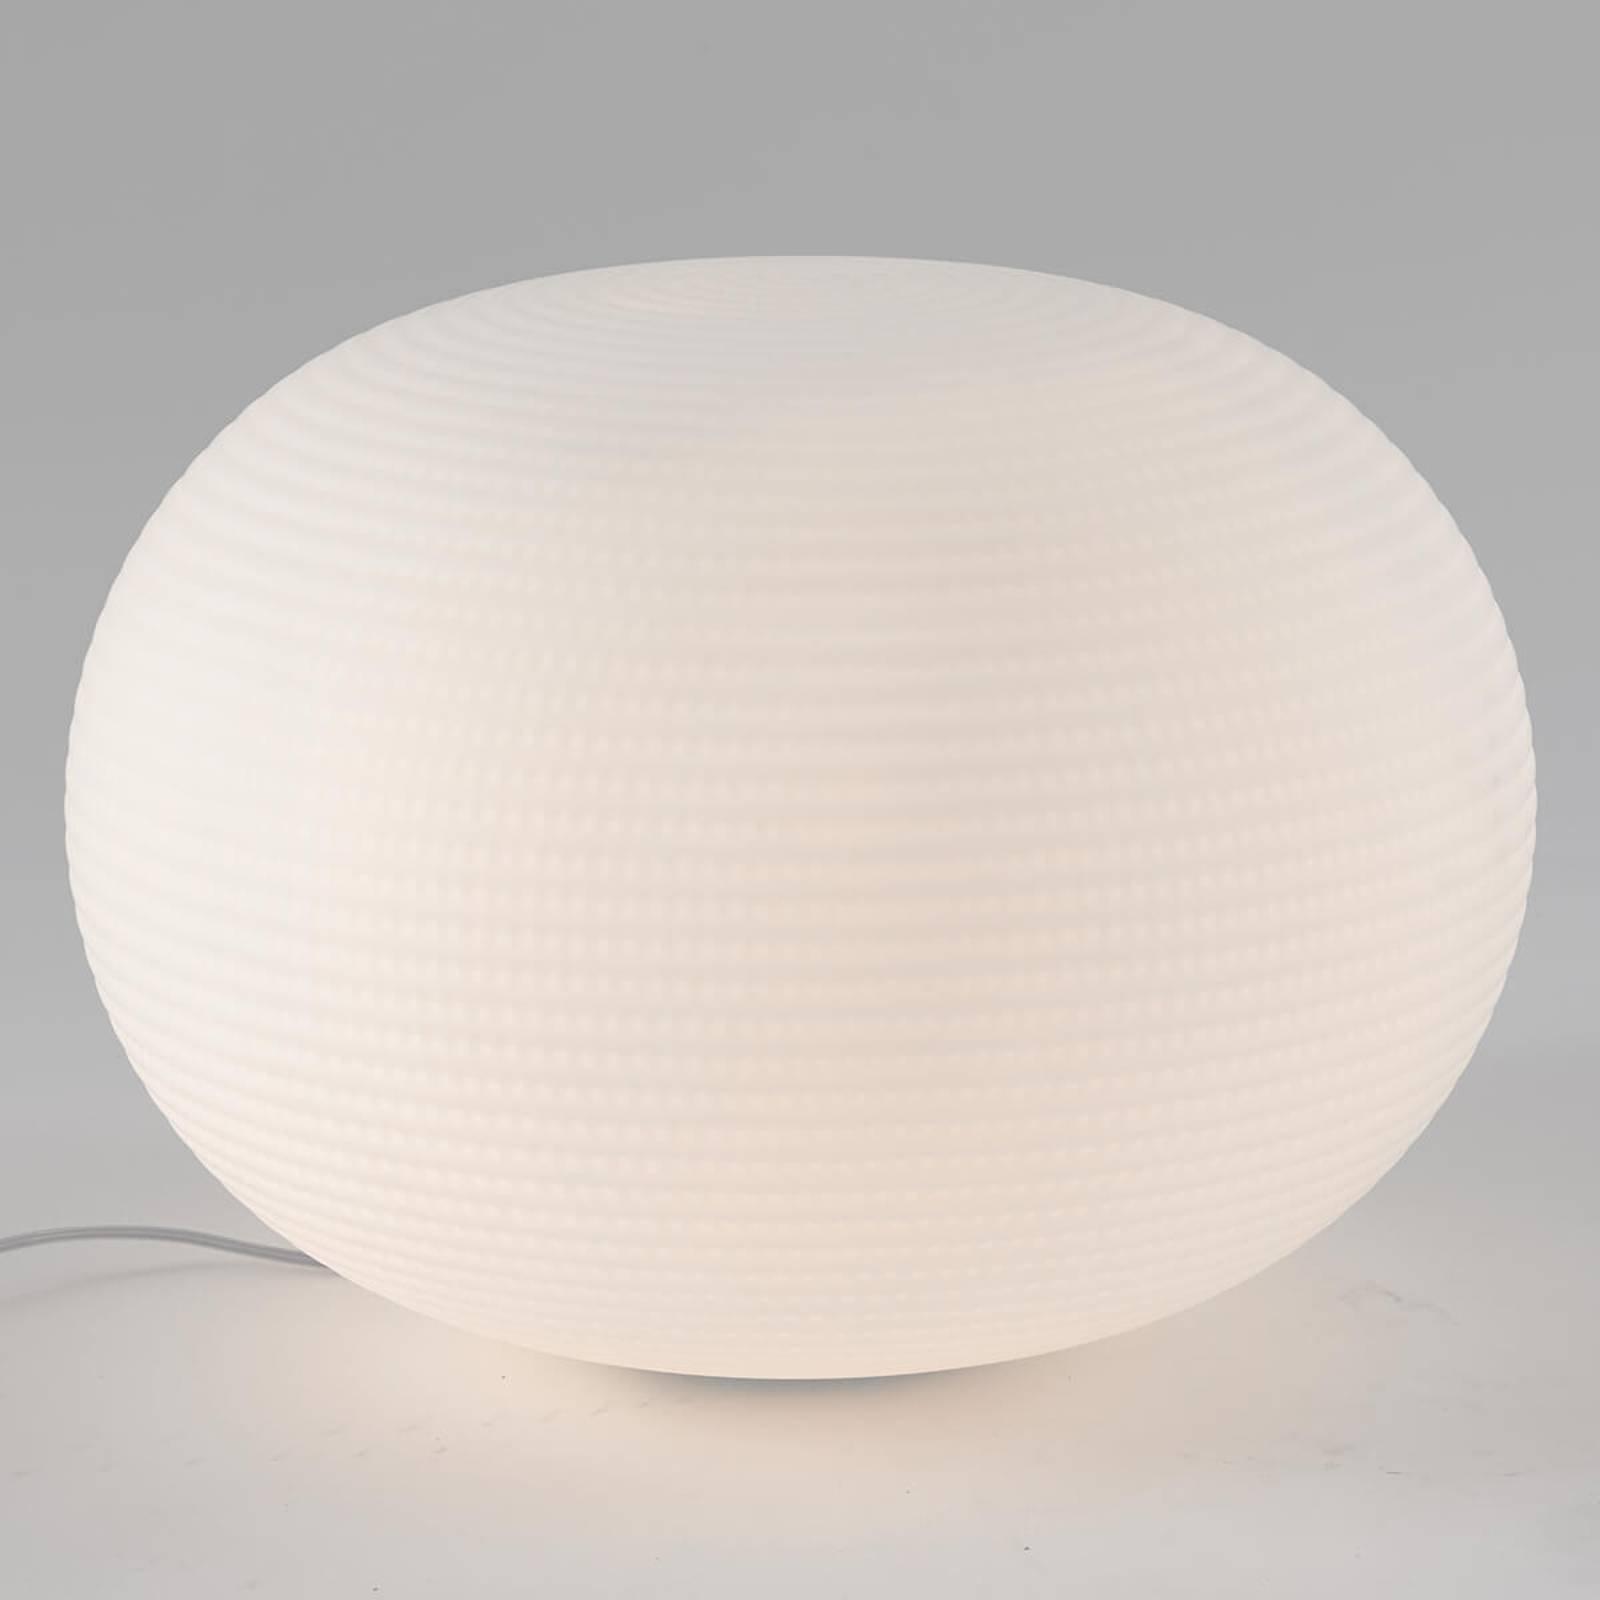 Designer bordlampe Bianca av glass, 50 cm